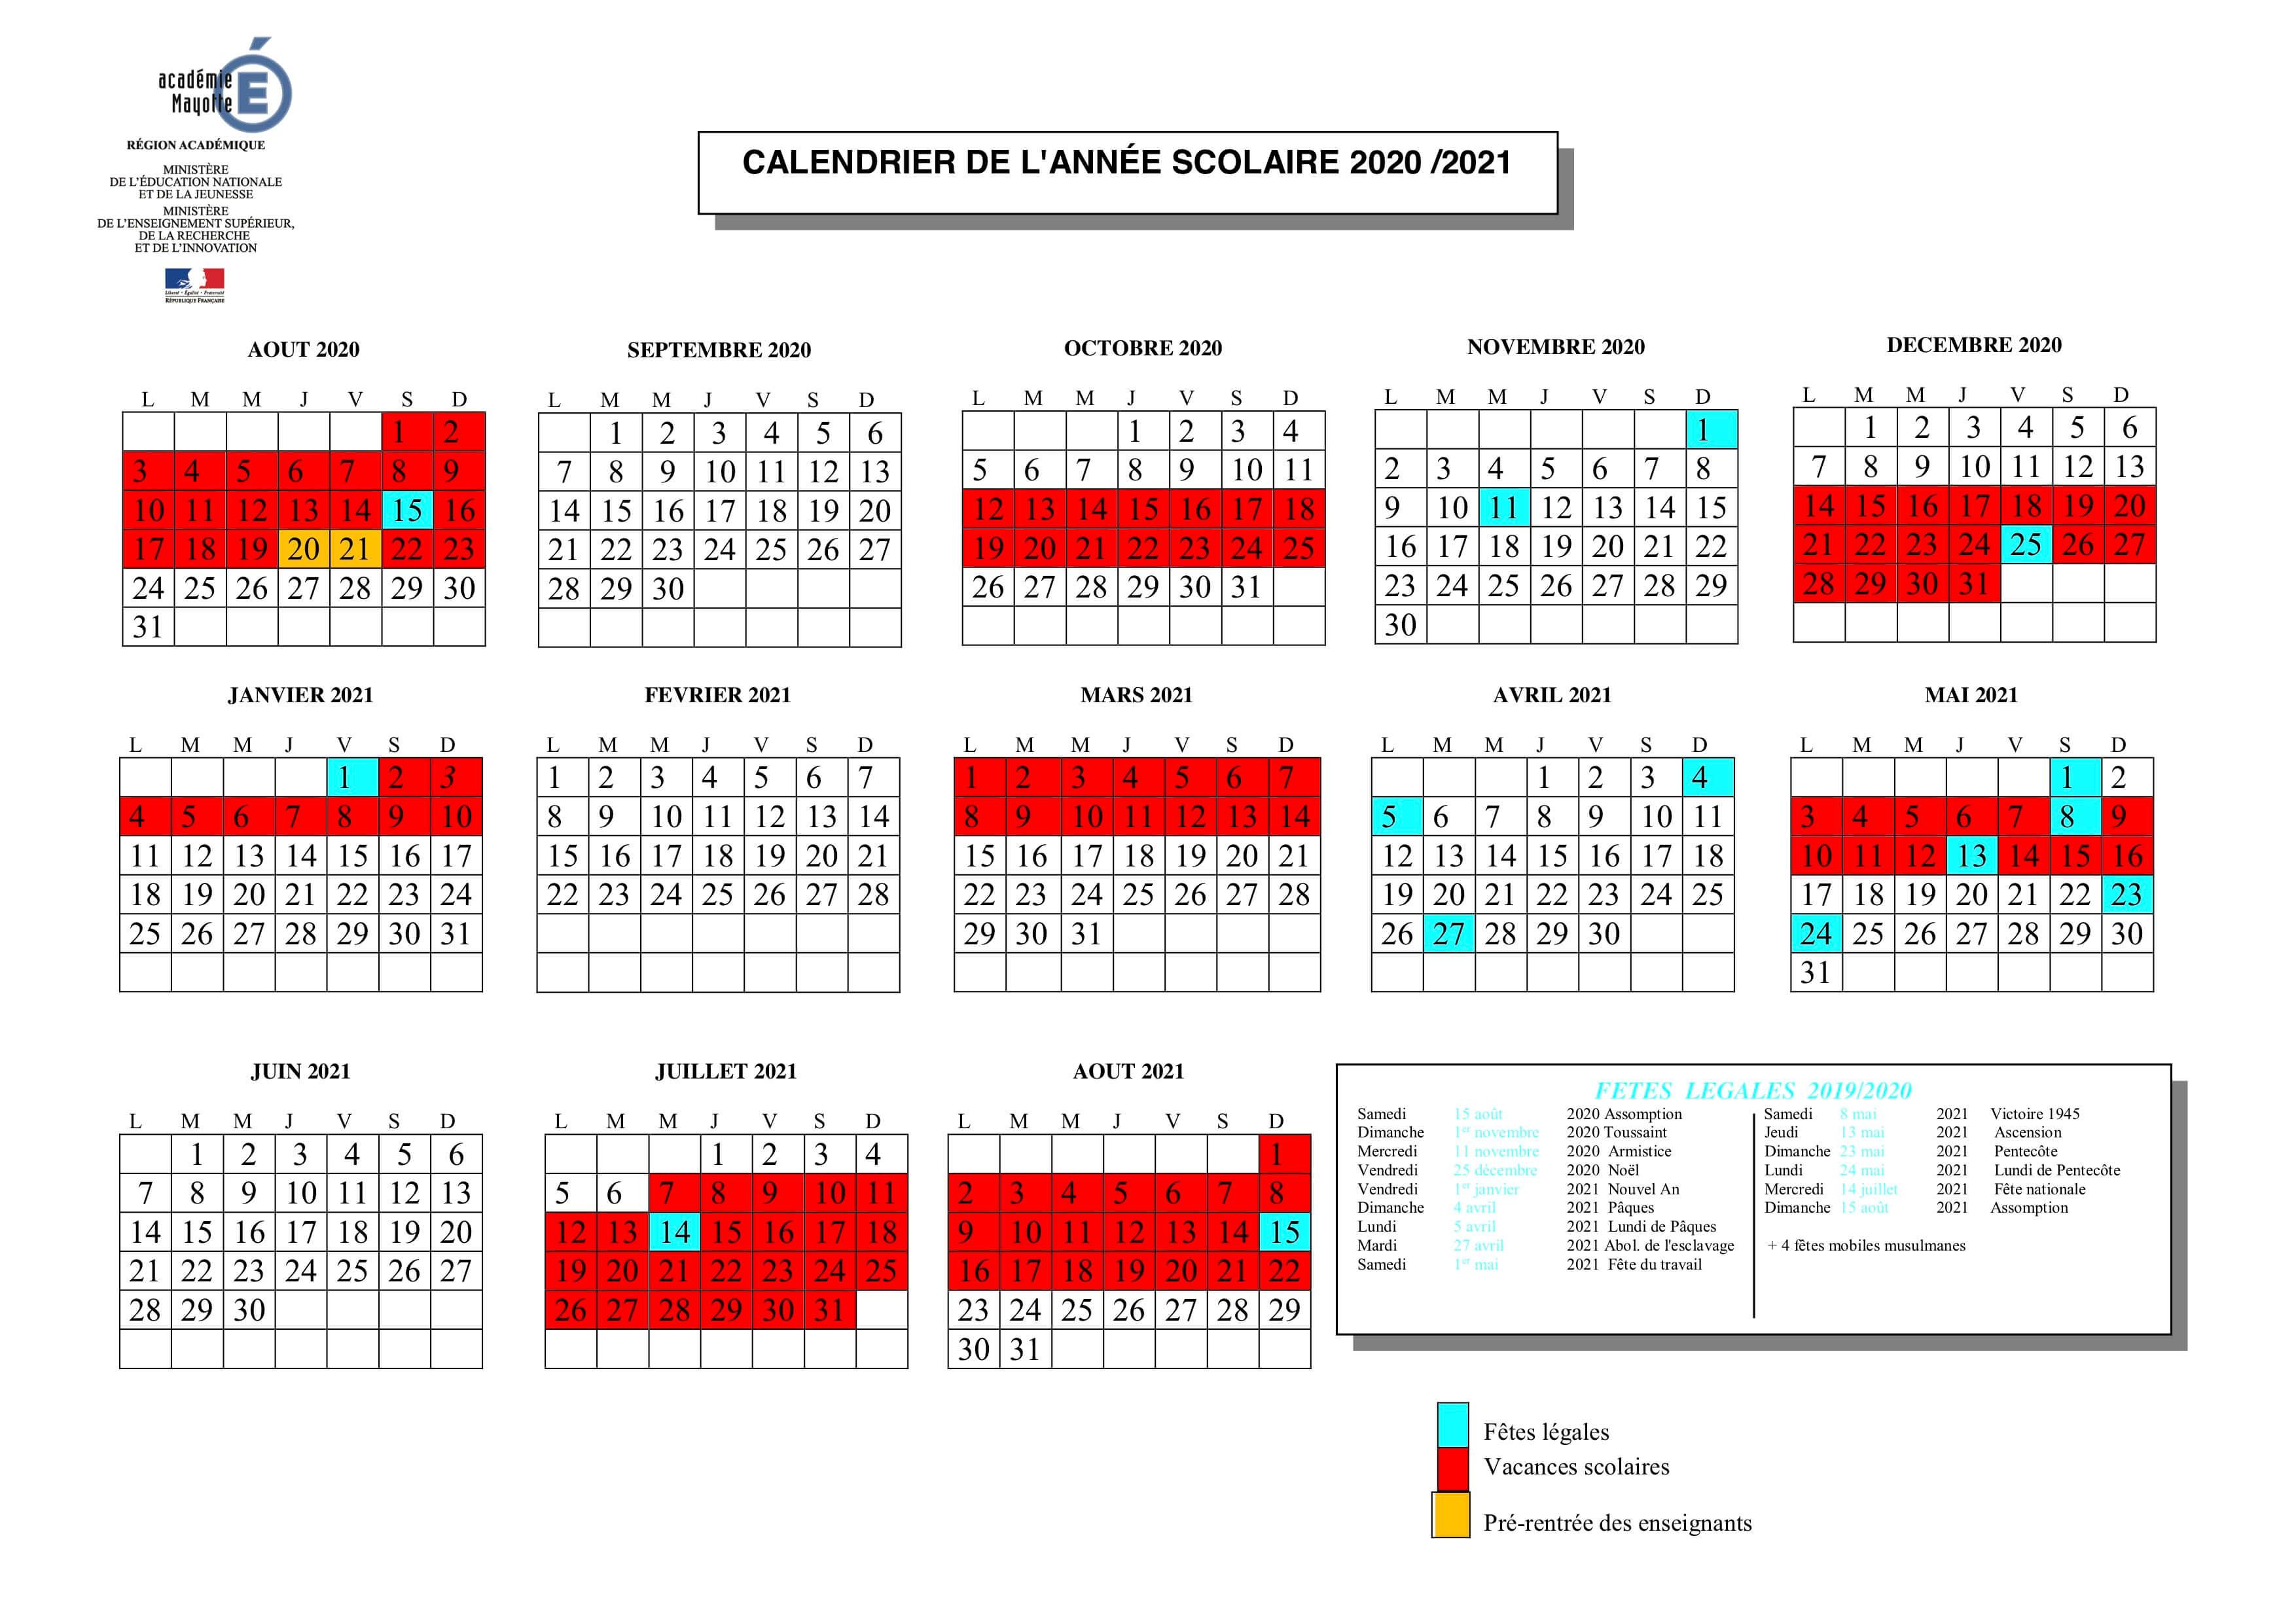 Calendrier scolaire 2020 2021 : 36 semaines de cours, pas 37